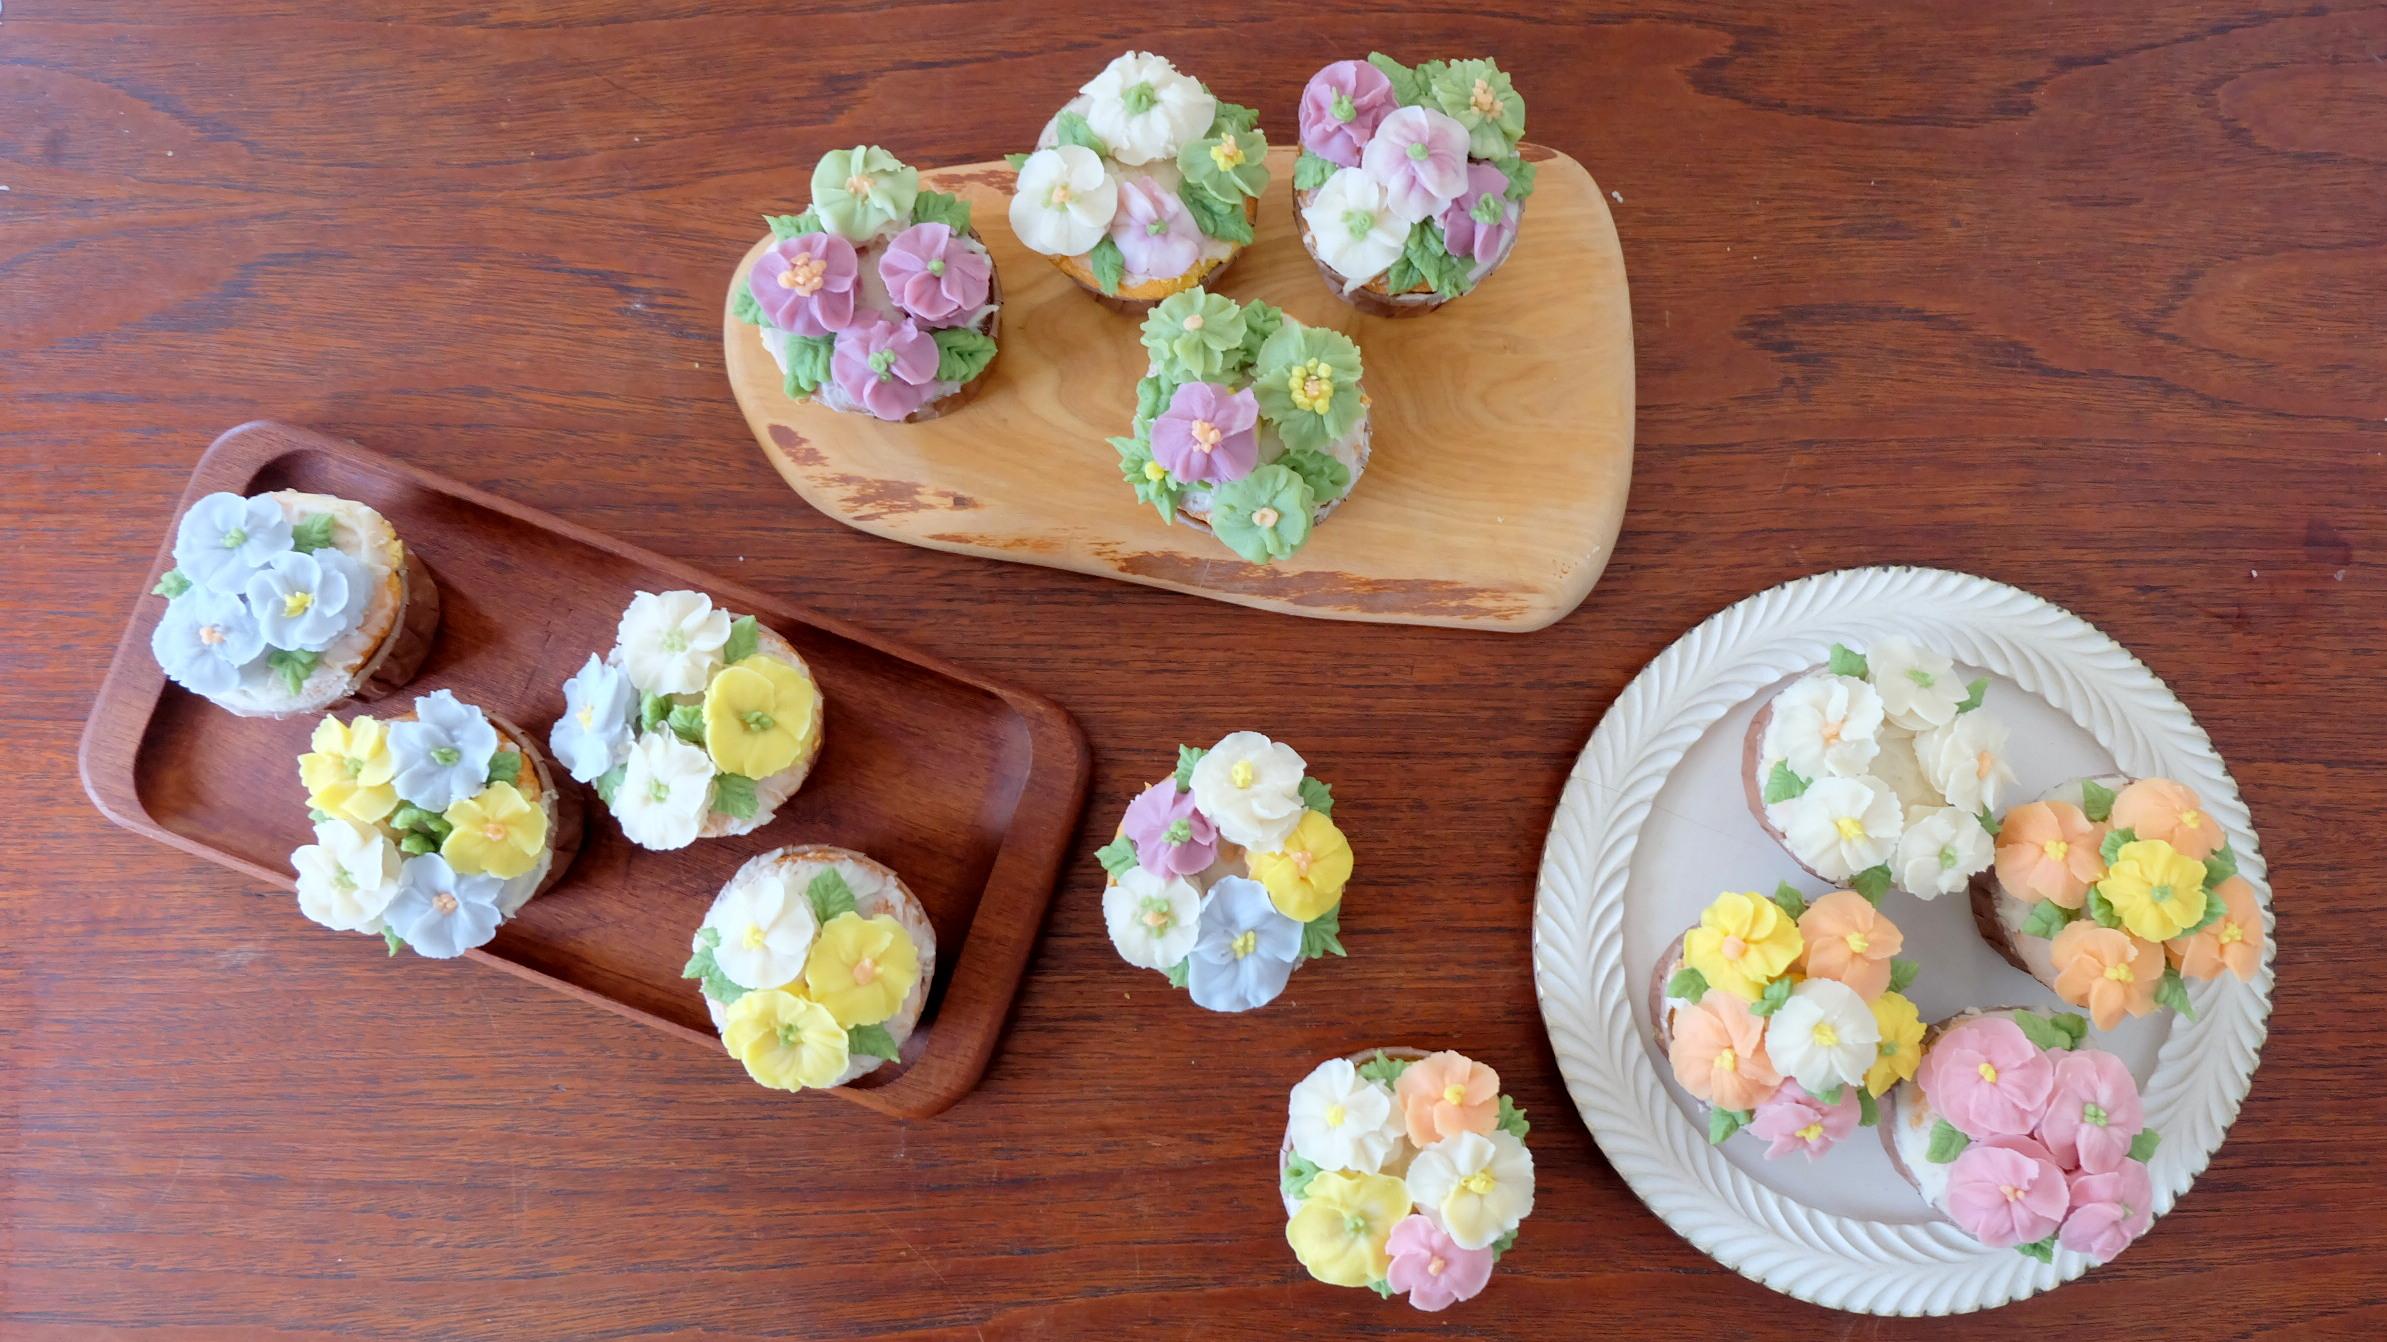 11月2日(土)は、「アップルブロッサムのあんフラワーカップケーキ」づくりでした。